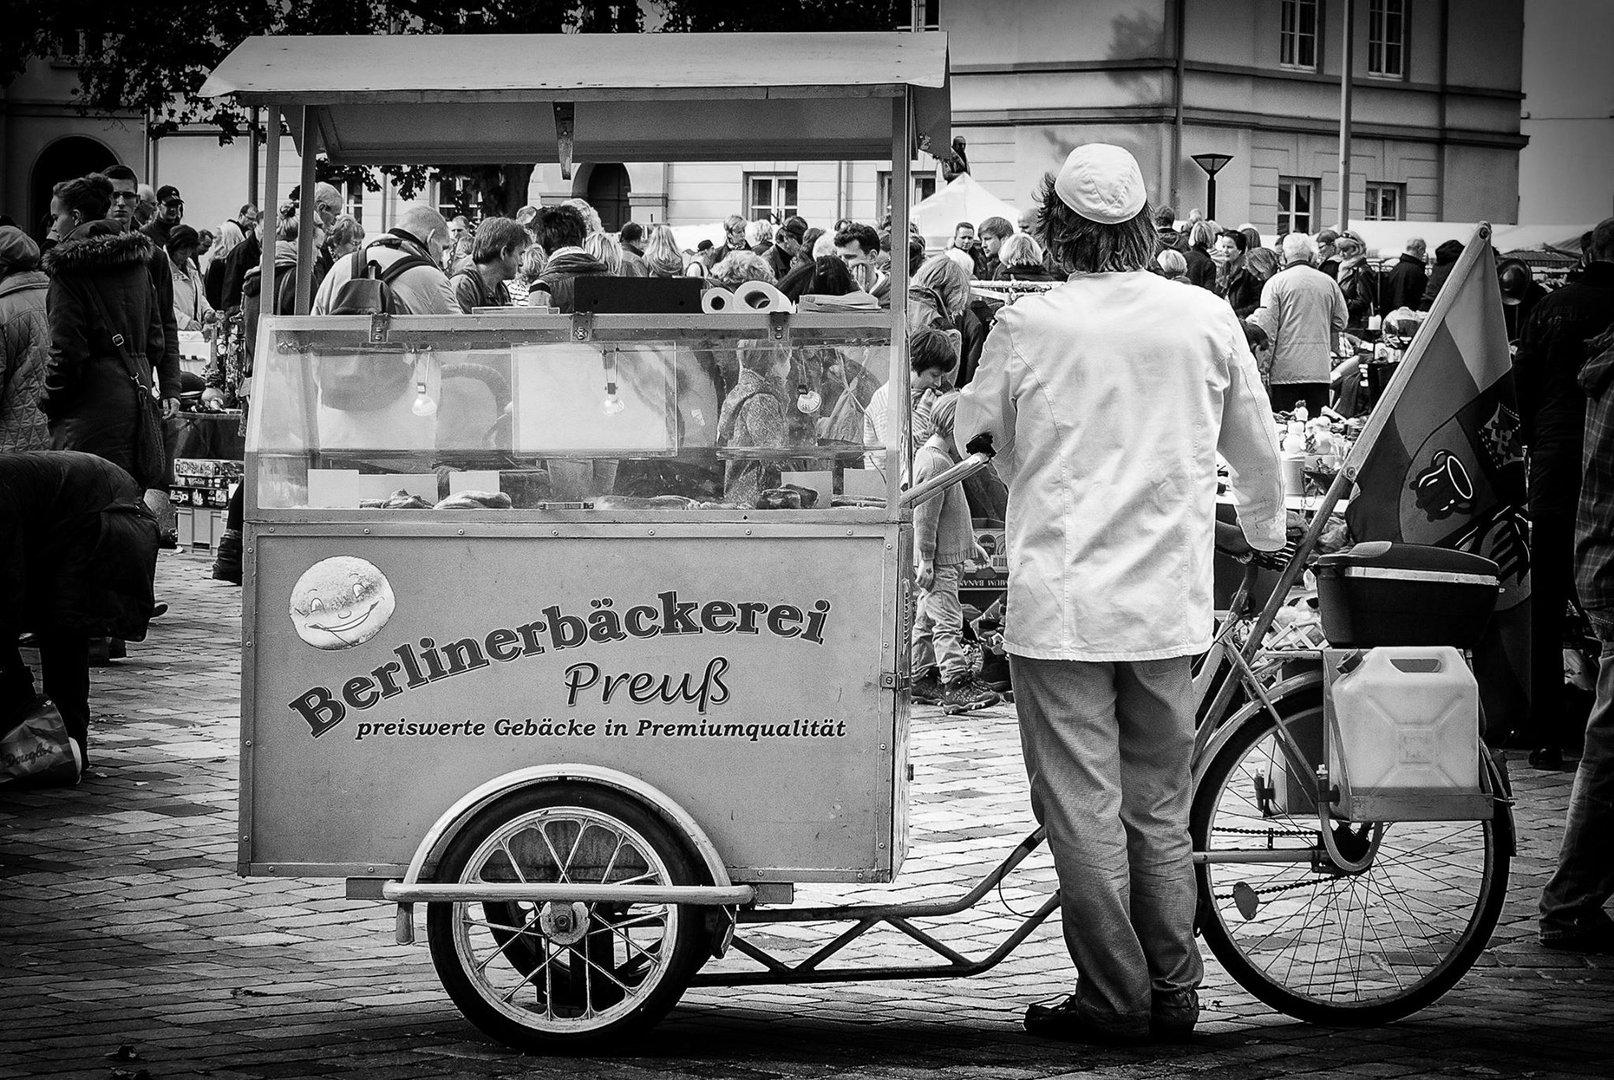 Bikerbäcker